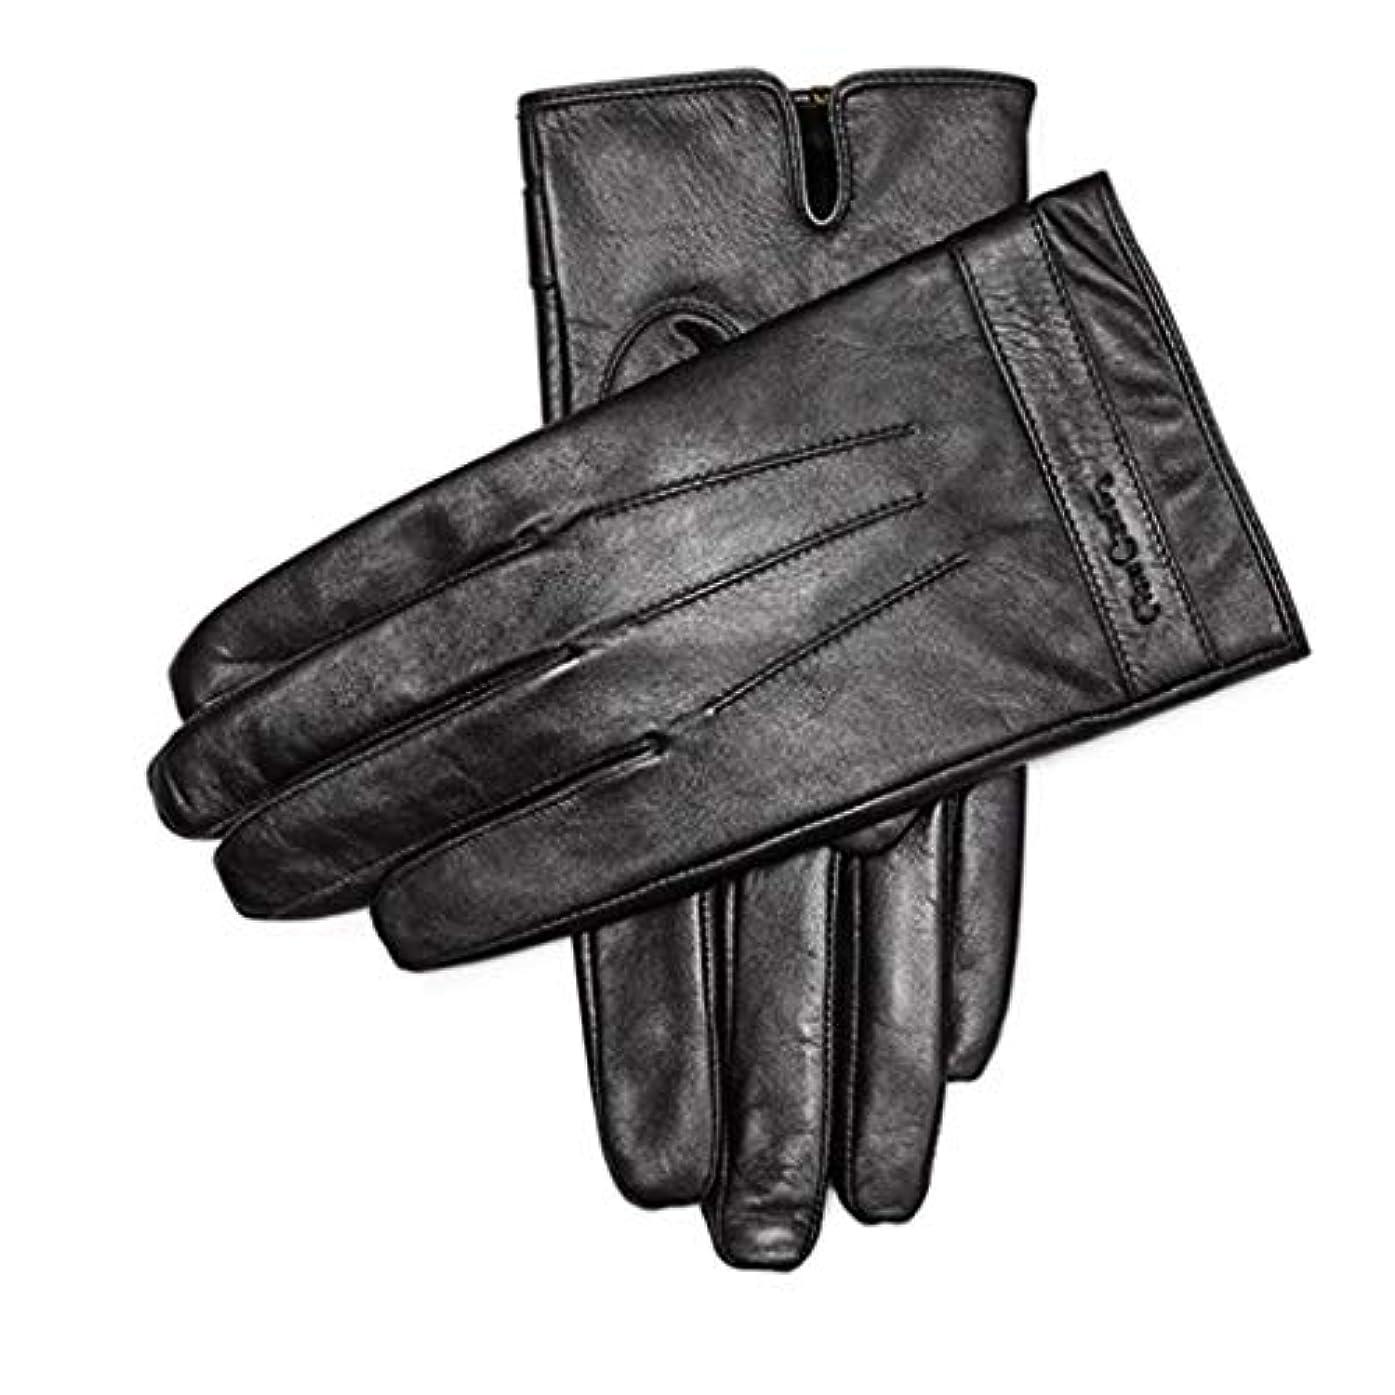 きゅうり十年精度手袋暖かい肥厚プラスベルベットメンズシープスキン手袋メンズウィンターアンチスキッドサイクリングレザーグローブタッチスクリーンモデル(883191170-1厚いベルベット)L(175 / 65-70KG)